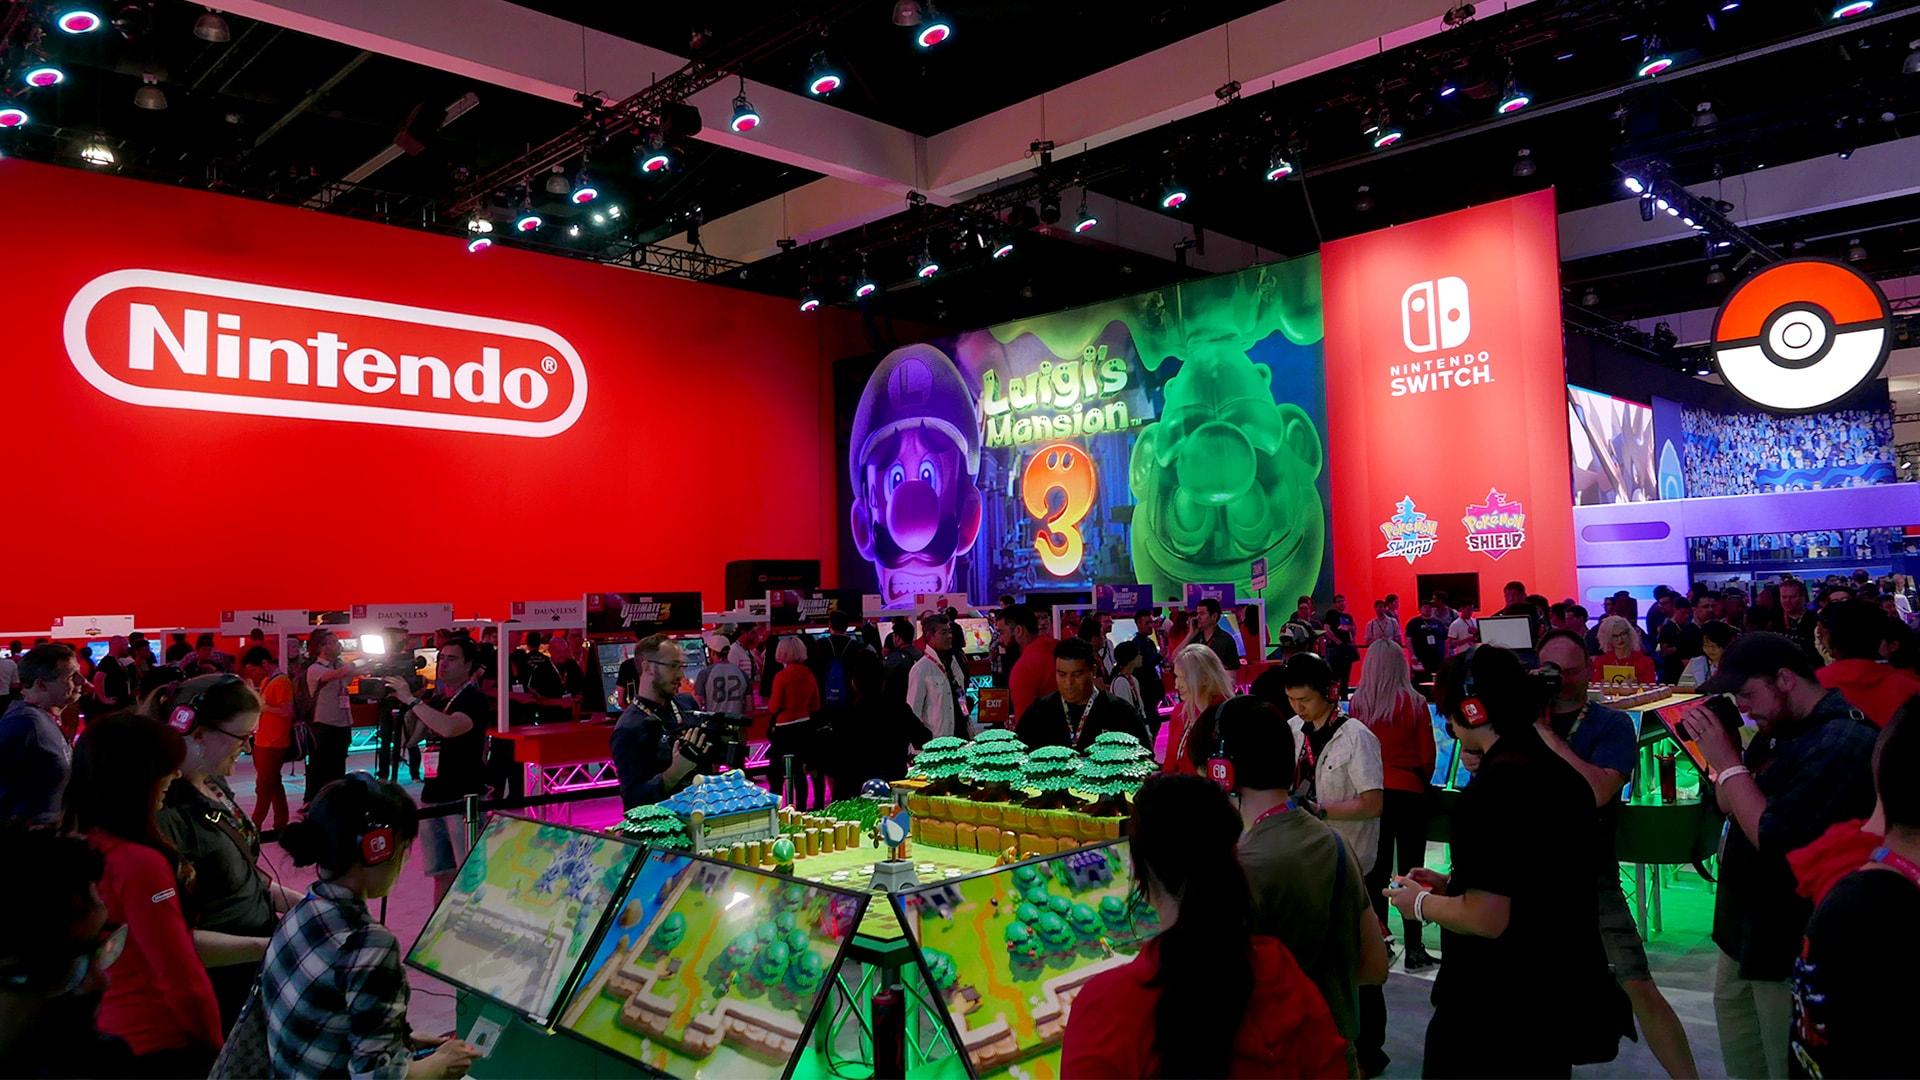 Nintendo's booth at E3 2019